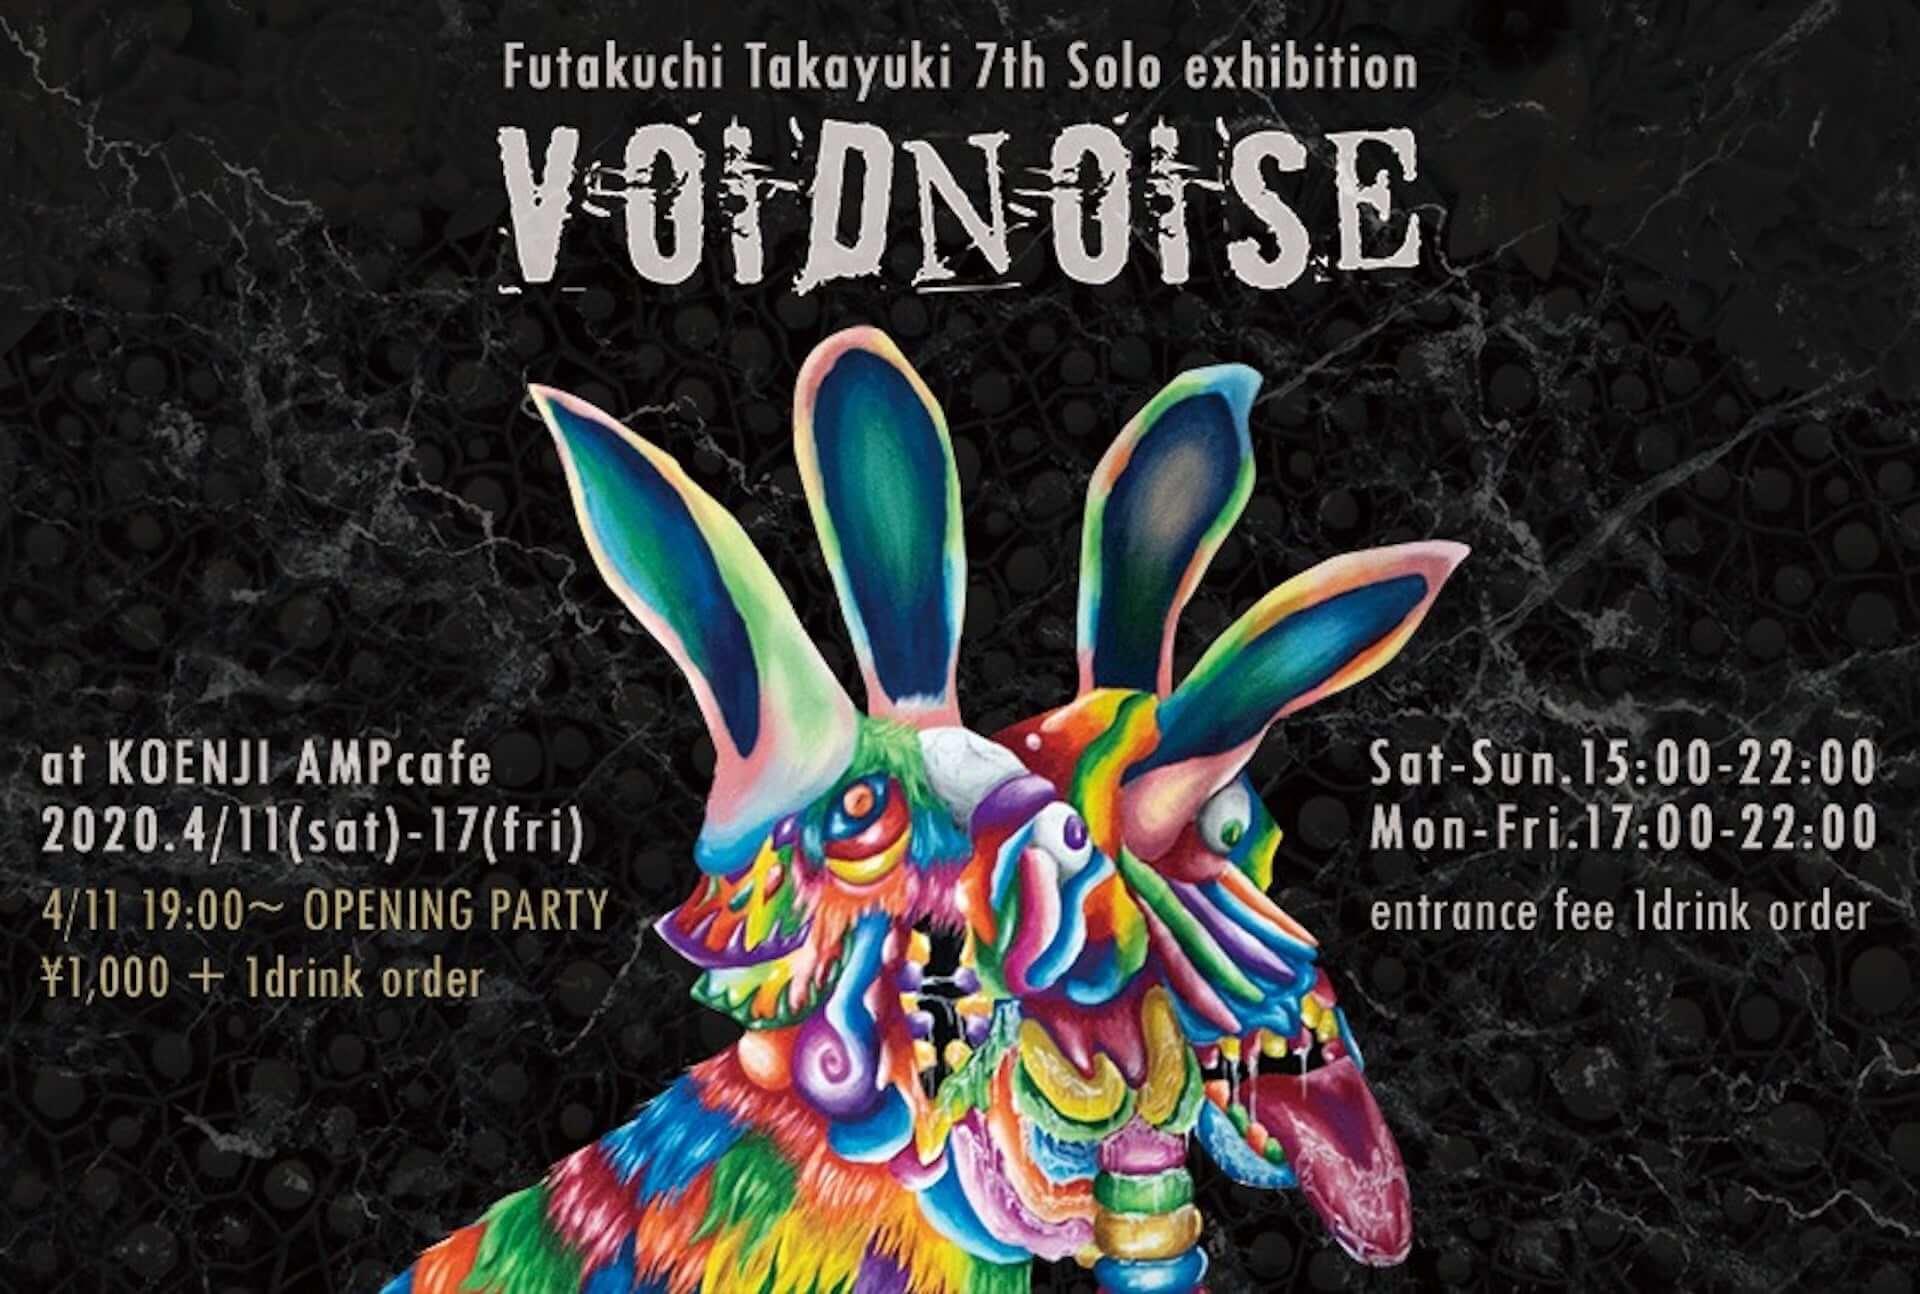 二口貴之の個展<VOID NOISE>が開催決定!市民プールガールズ、オオヤヨシツグ出演のオープニングパーティーも art200319_nirotaka_voidnoise_1-1920x1294